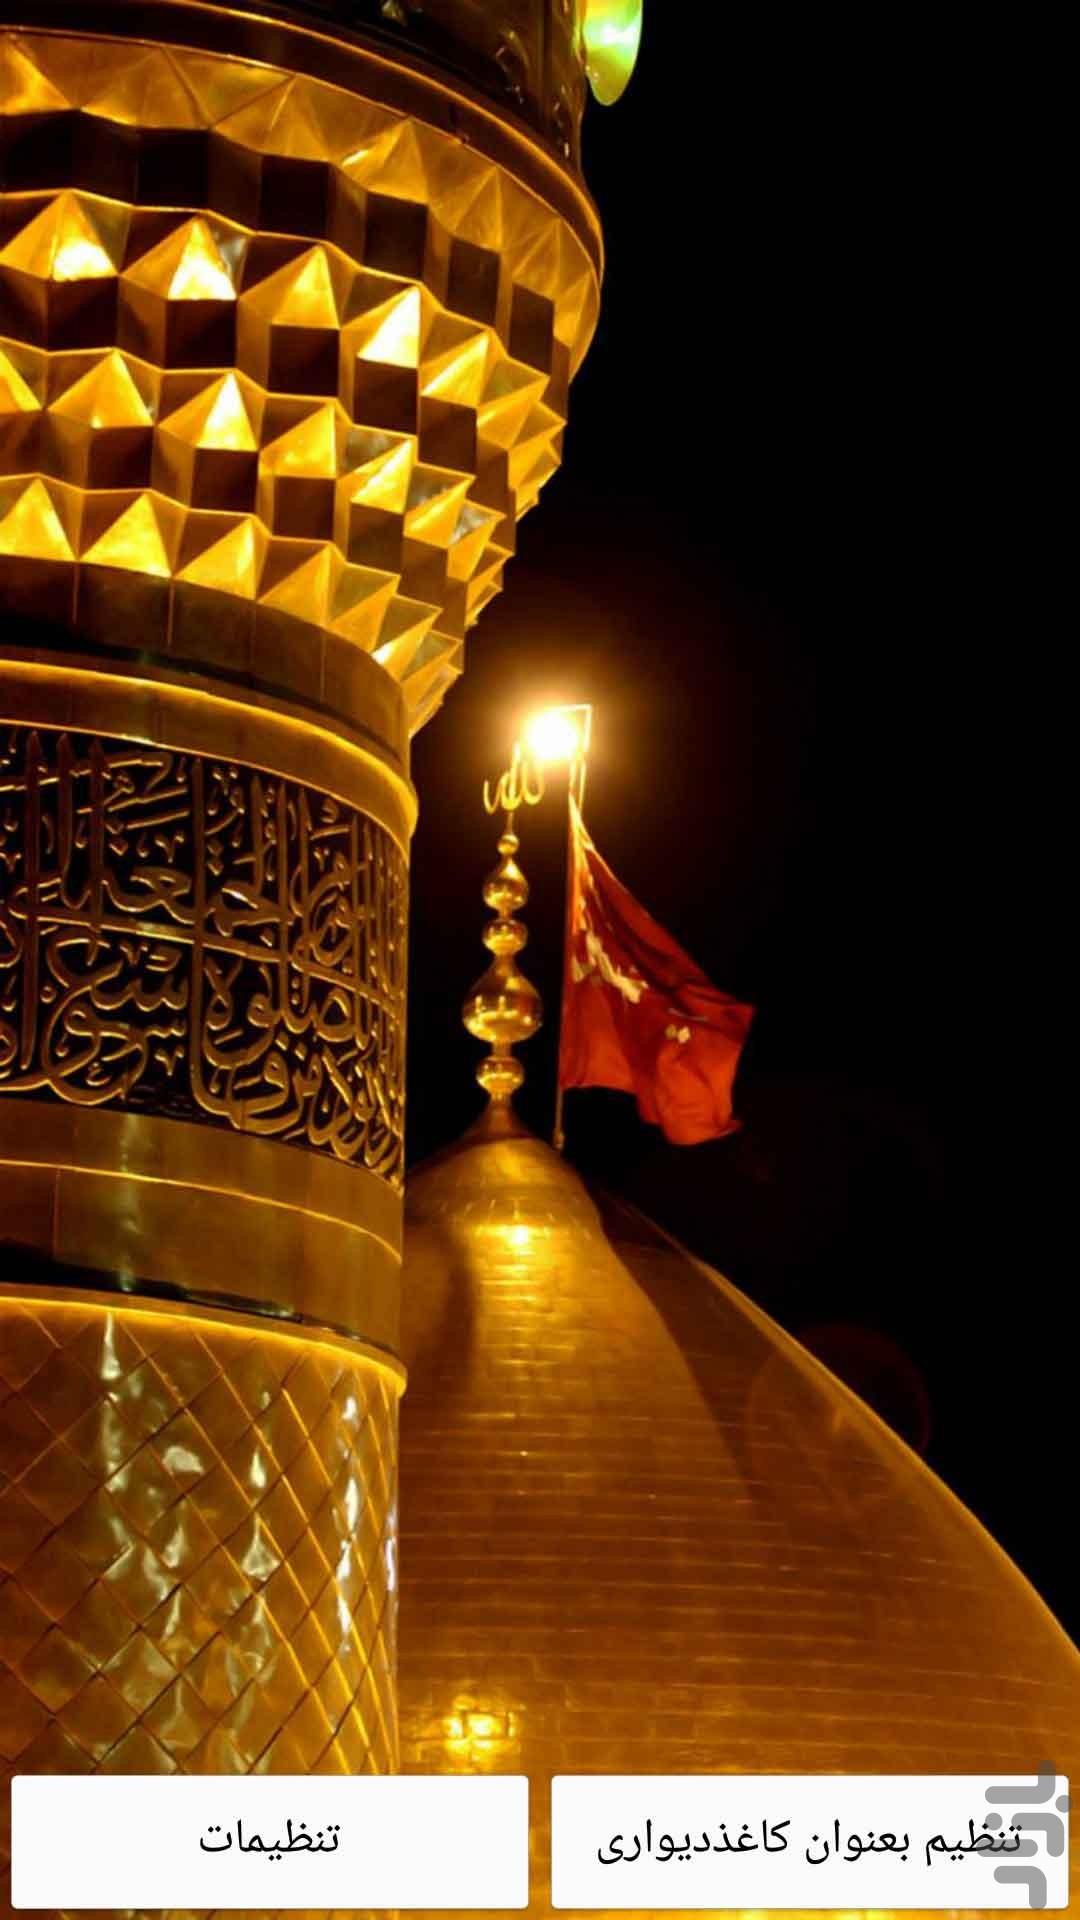 عکس حرم امام حسین متحرک